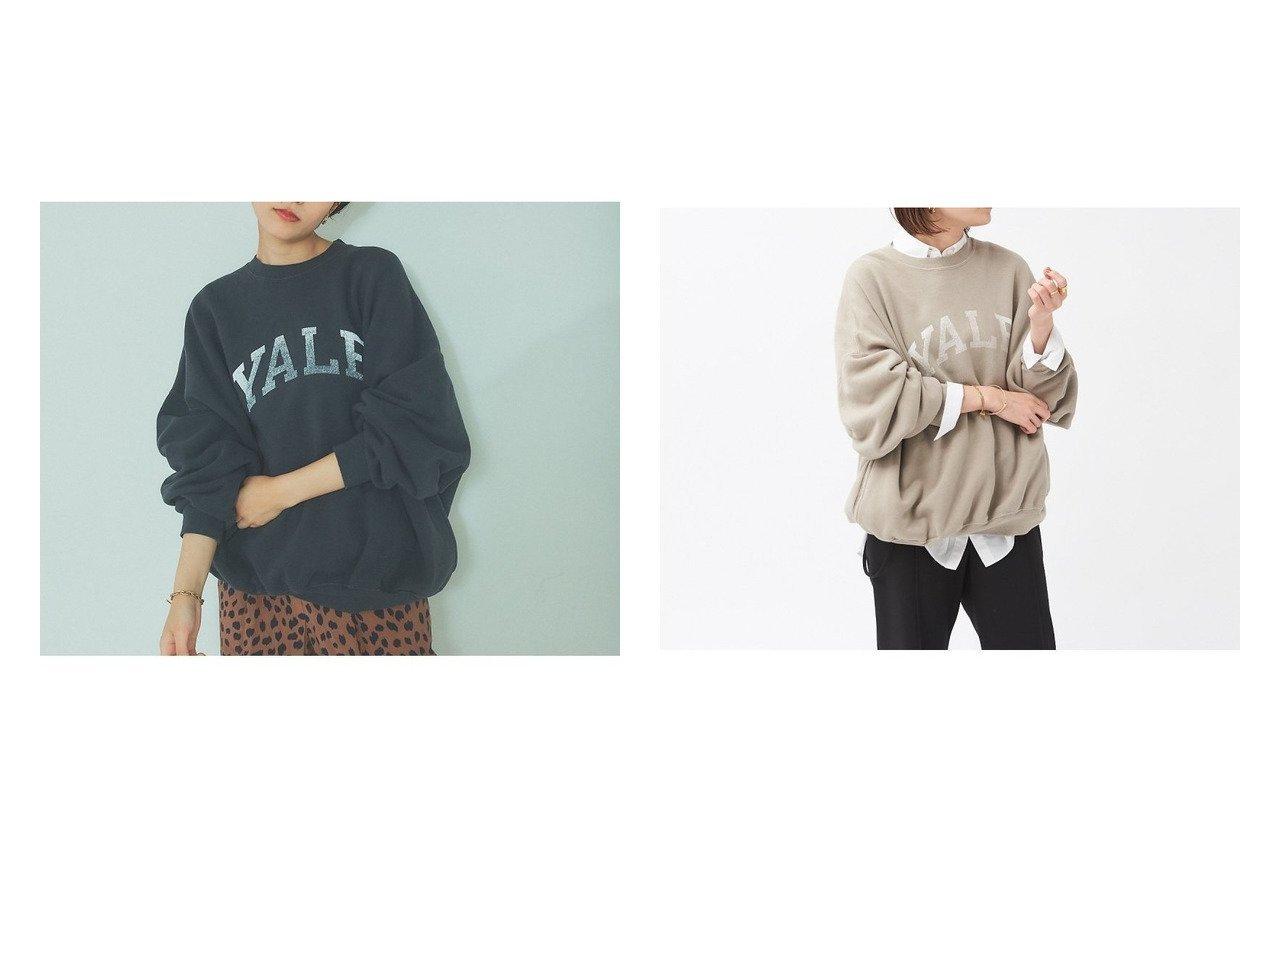 【Rouge vif la cle/ルージュヴィフラクレ】の【レミレリーフ】別注YALEスウェット 別注・限定・コラボなど、おすすめ!人気、トレンド・レディースファッションの通販 おすすめで人気の流行・トレンド、ファッションの通販商品 インテリア・家具・メンズファッション・キッズファッション・レディースファッション・服の通販 founy(ファニー) https://founy.com/ ファッション Fashion レディースファッション WOMEN トップス・カットソー Tops/Tshirt パーカ Sweats スウェット Sweat カットソー Cut and Sewn アメリカン カットソー サテン スウェット プリント ベーシック 別注 マキシ おすすめ Recommend  ID:crp329100000060959